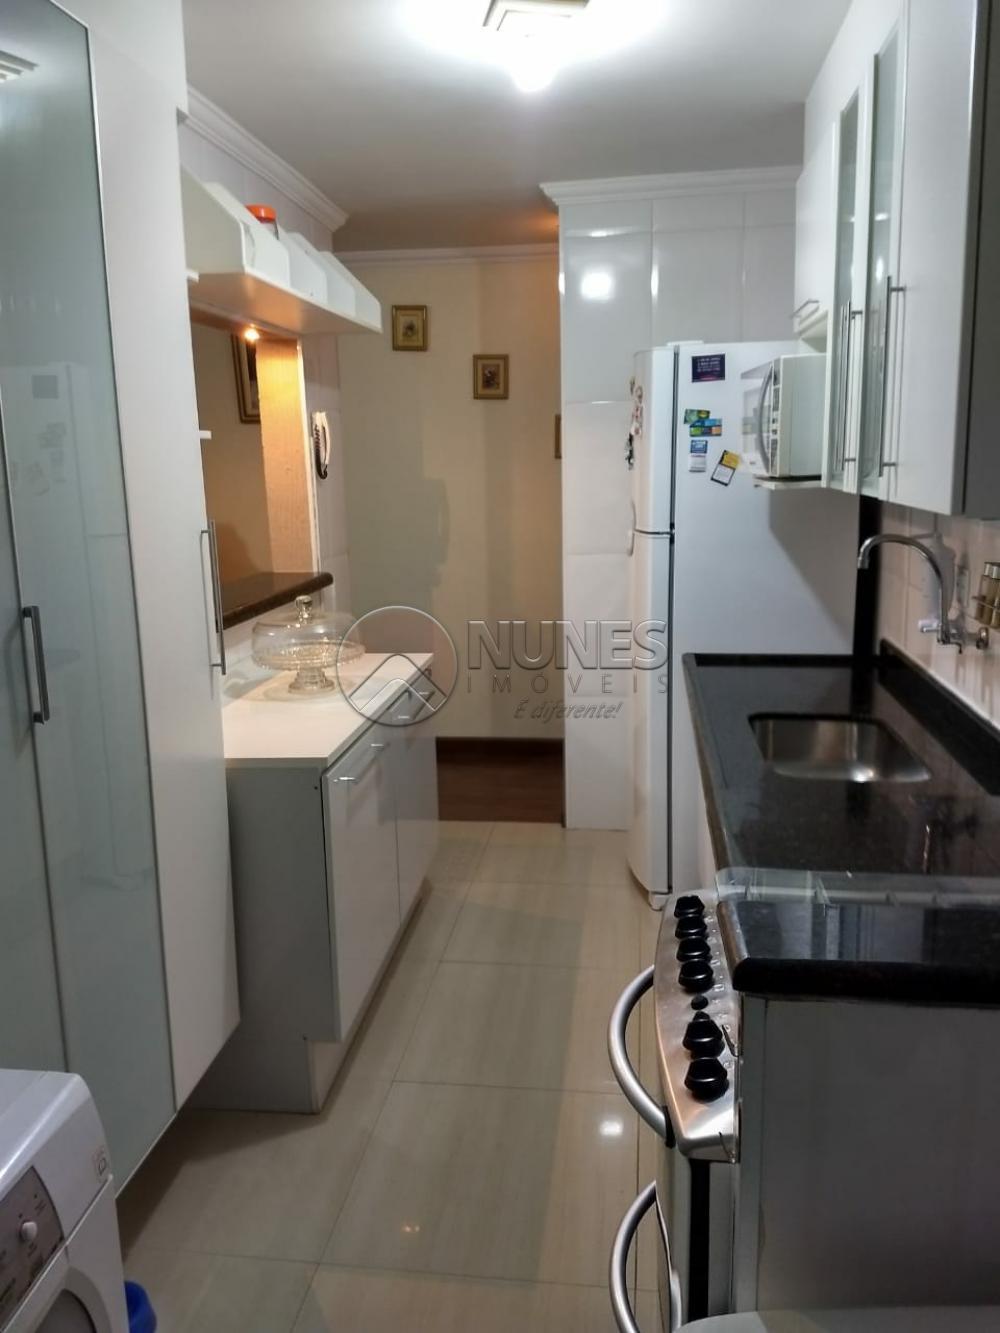 Comprar Apartamento / Padrão em Osasco apenas R$ 234.000,00 - Foto 4